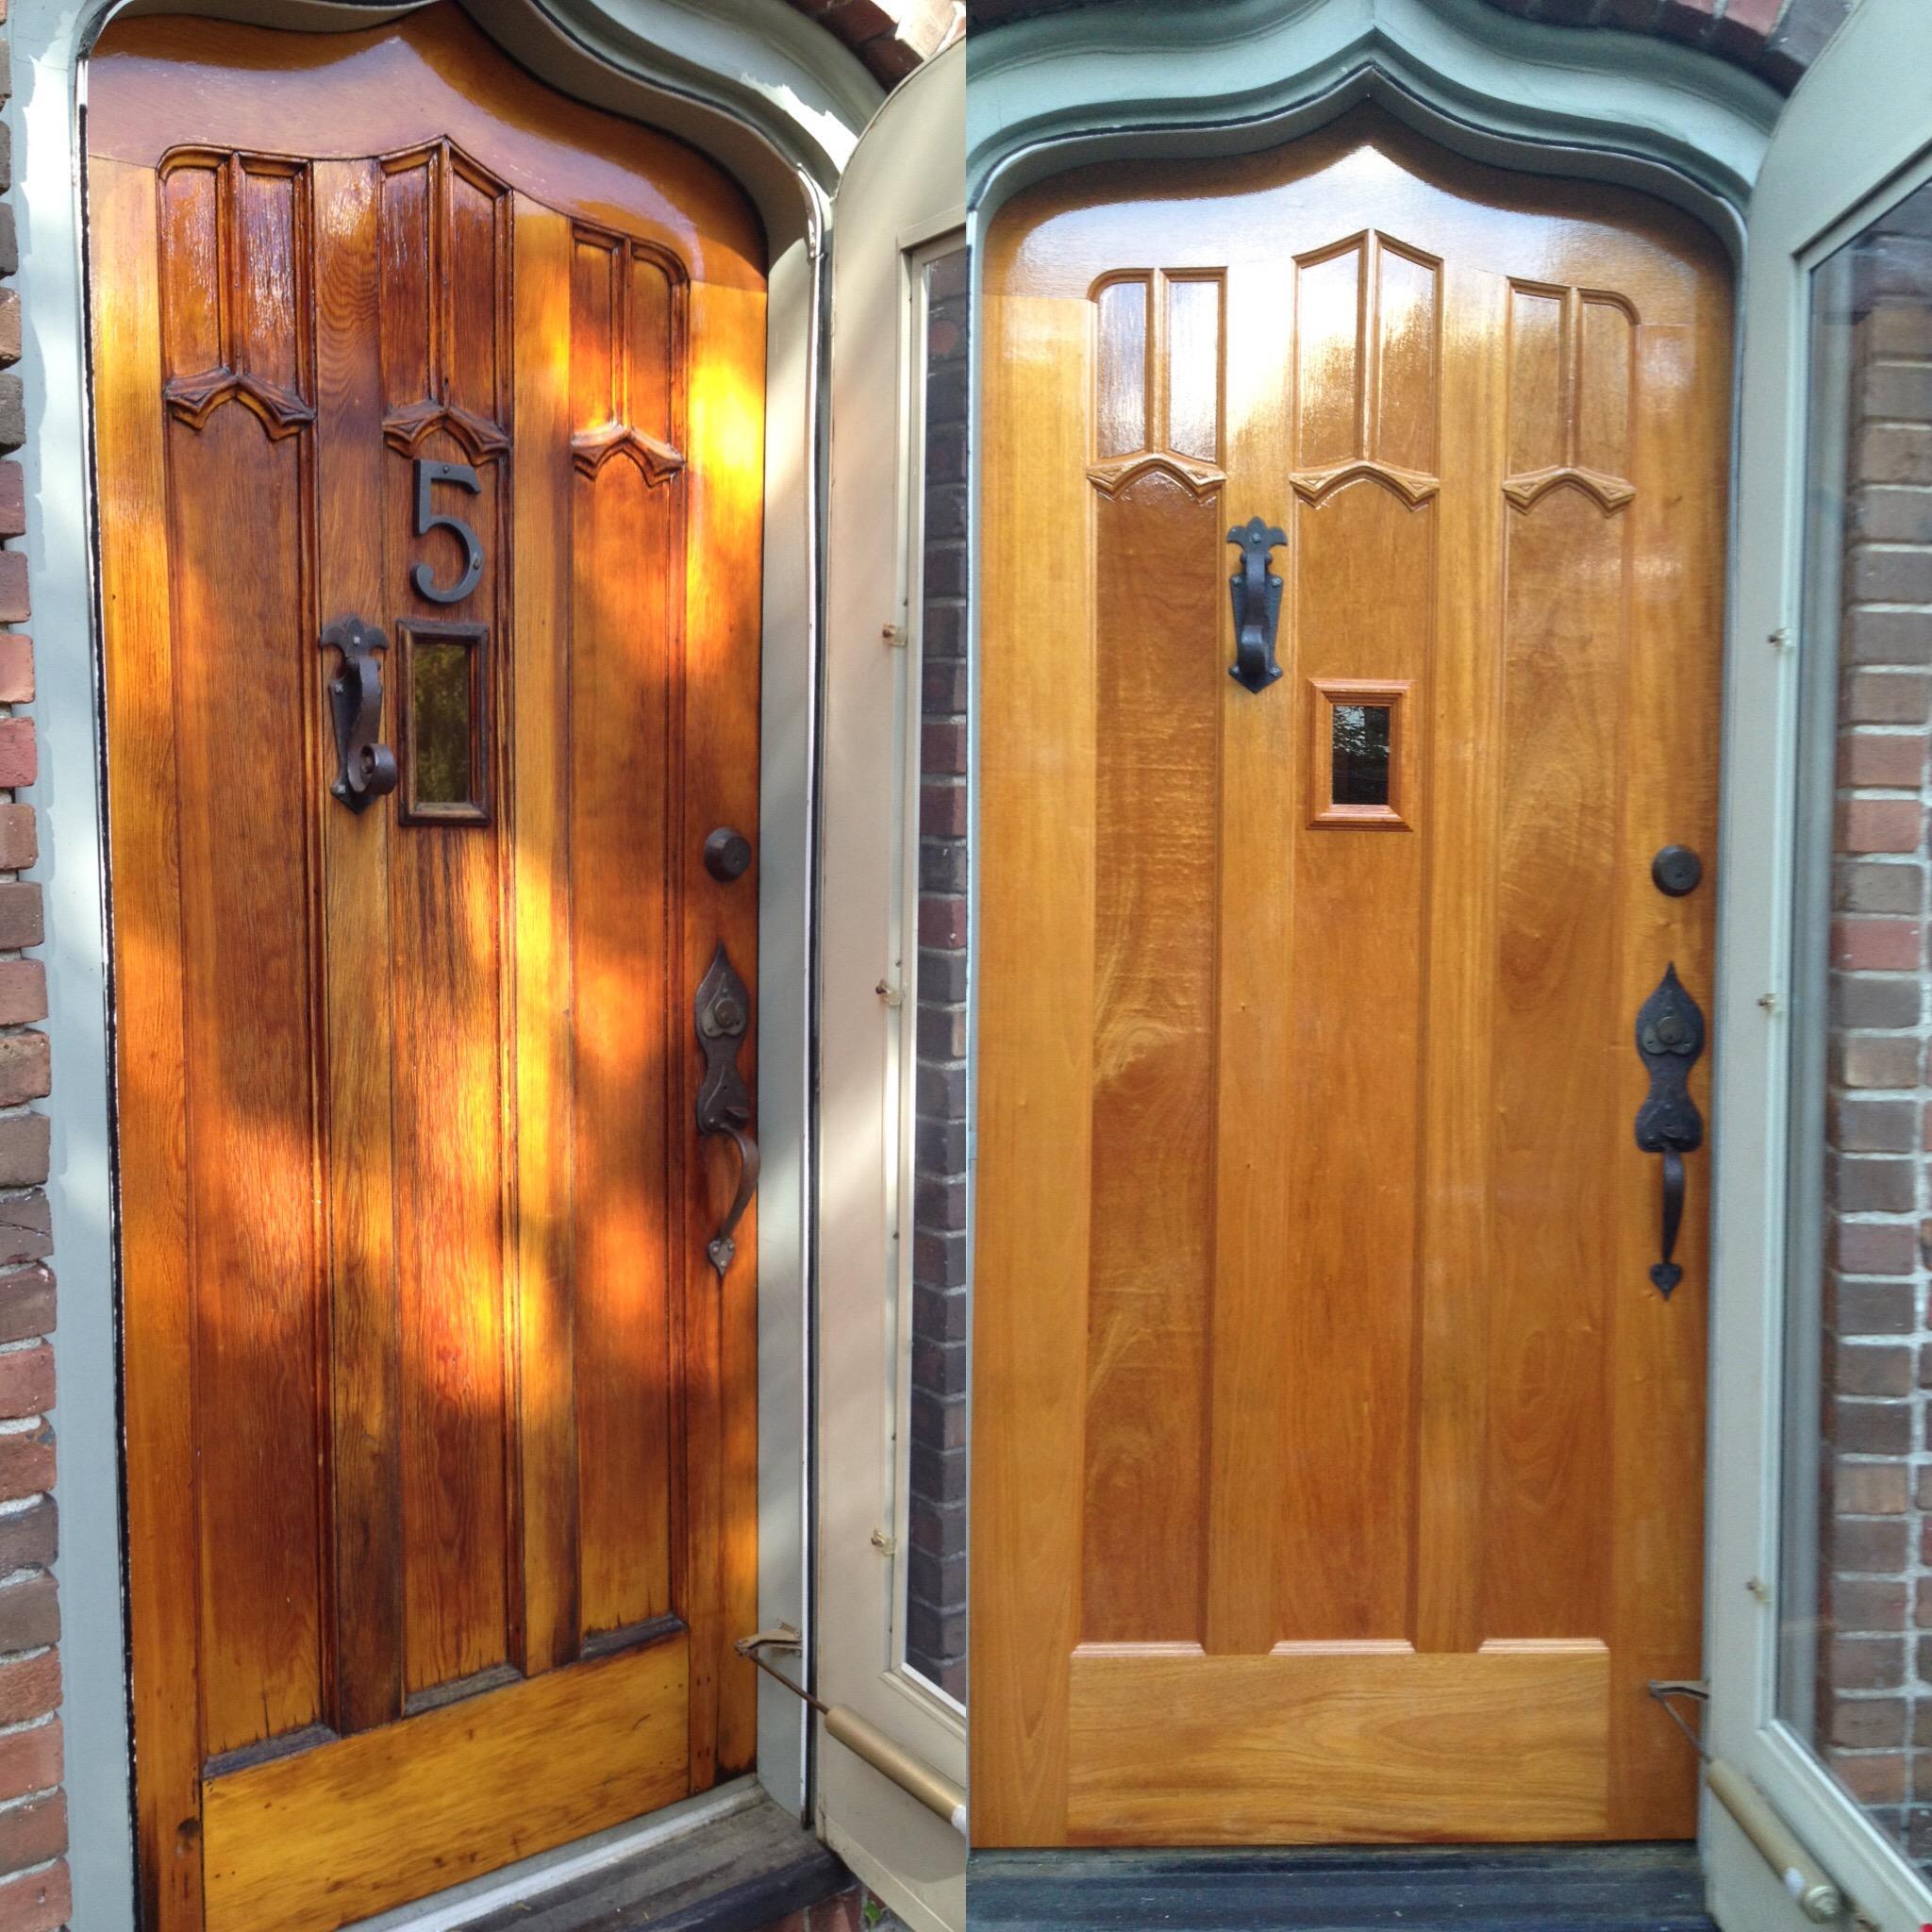 Original door on left with new door on right